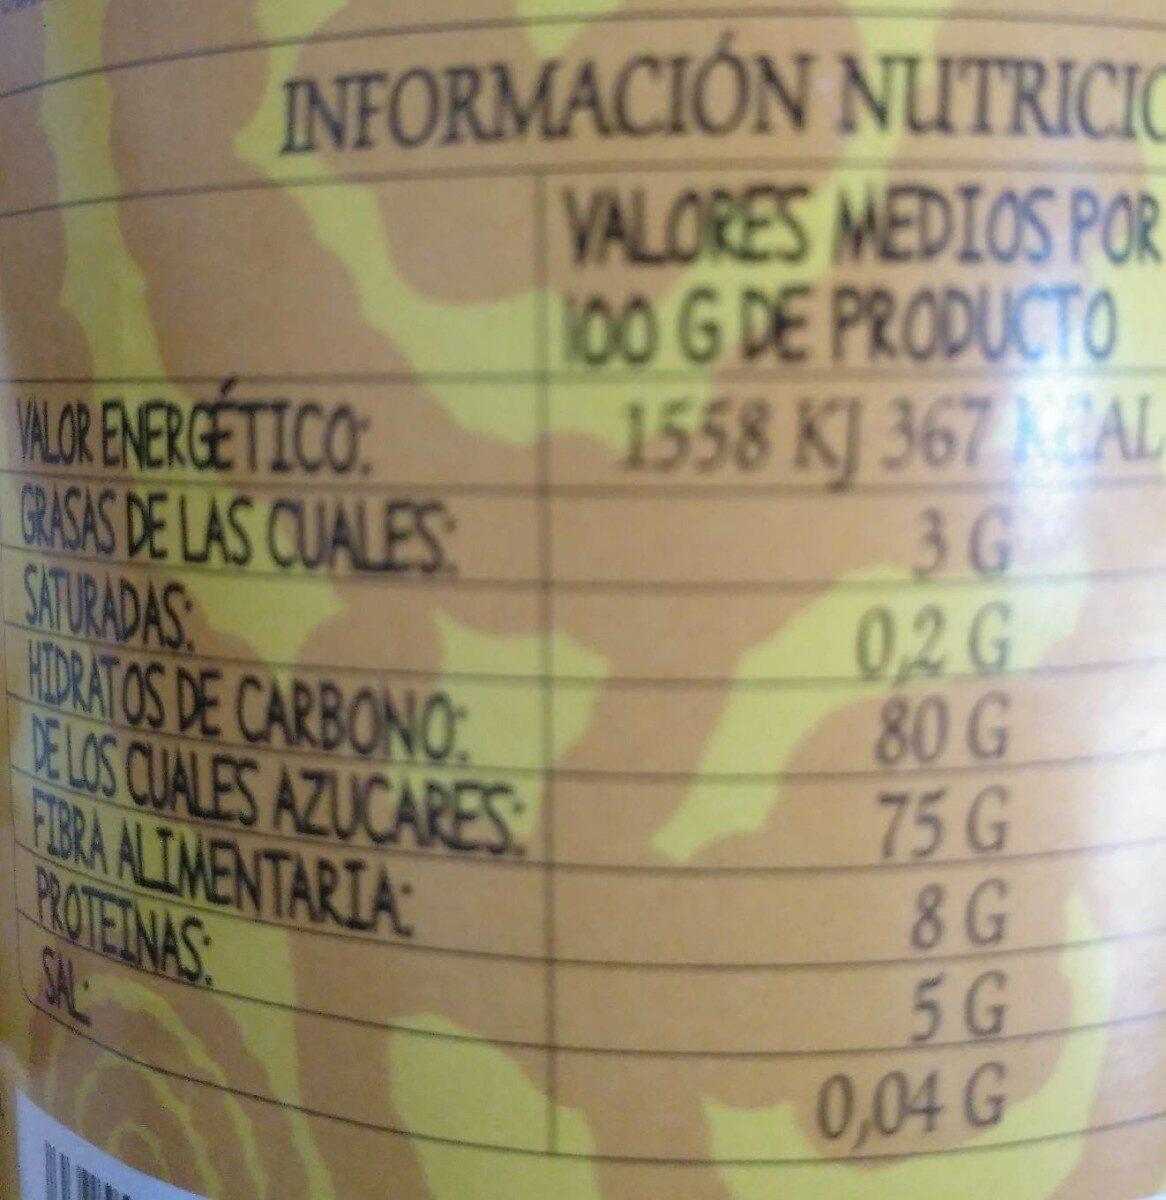 Cacao soluble con azúcar de caña - Informations nutritionnelles - es